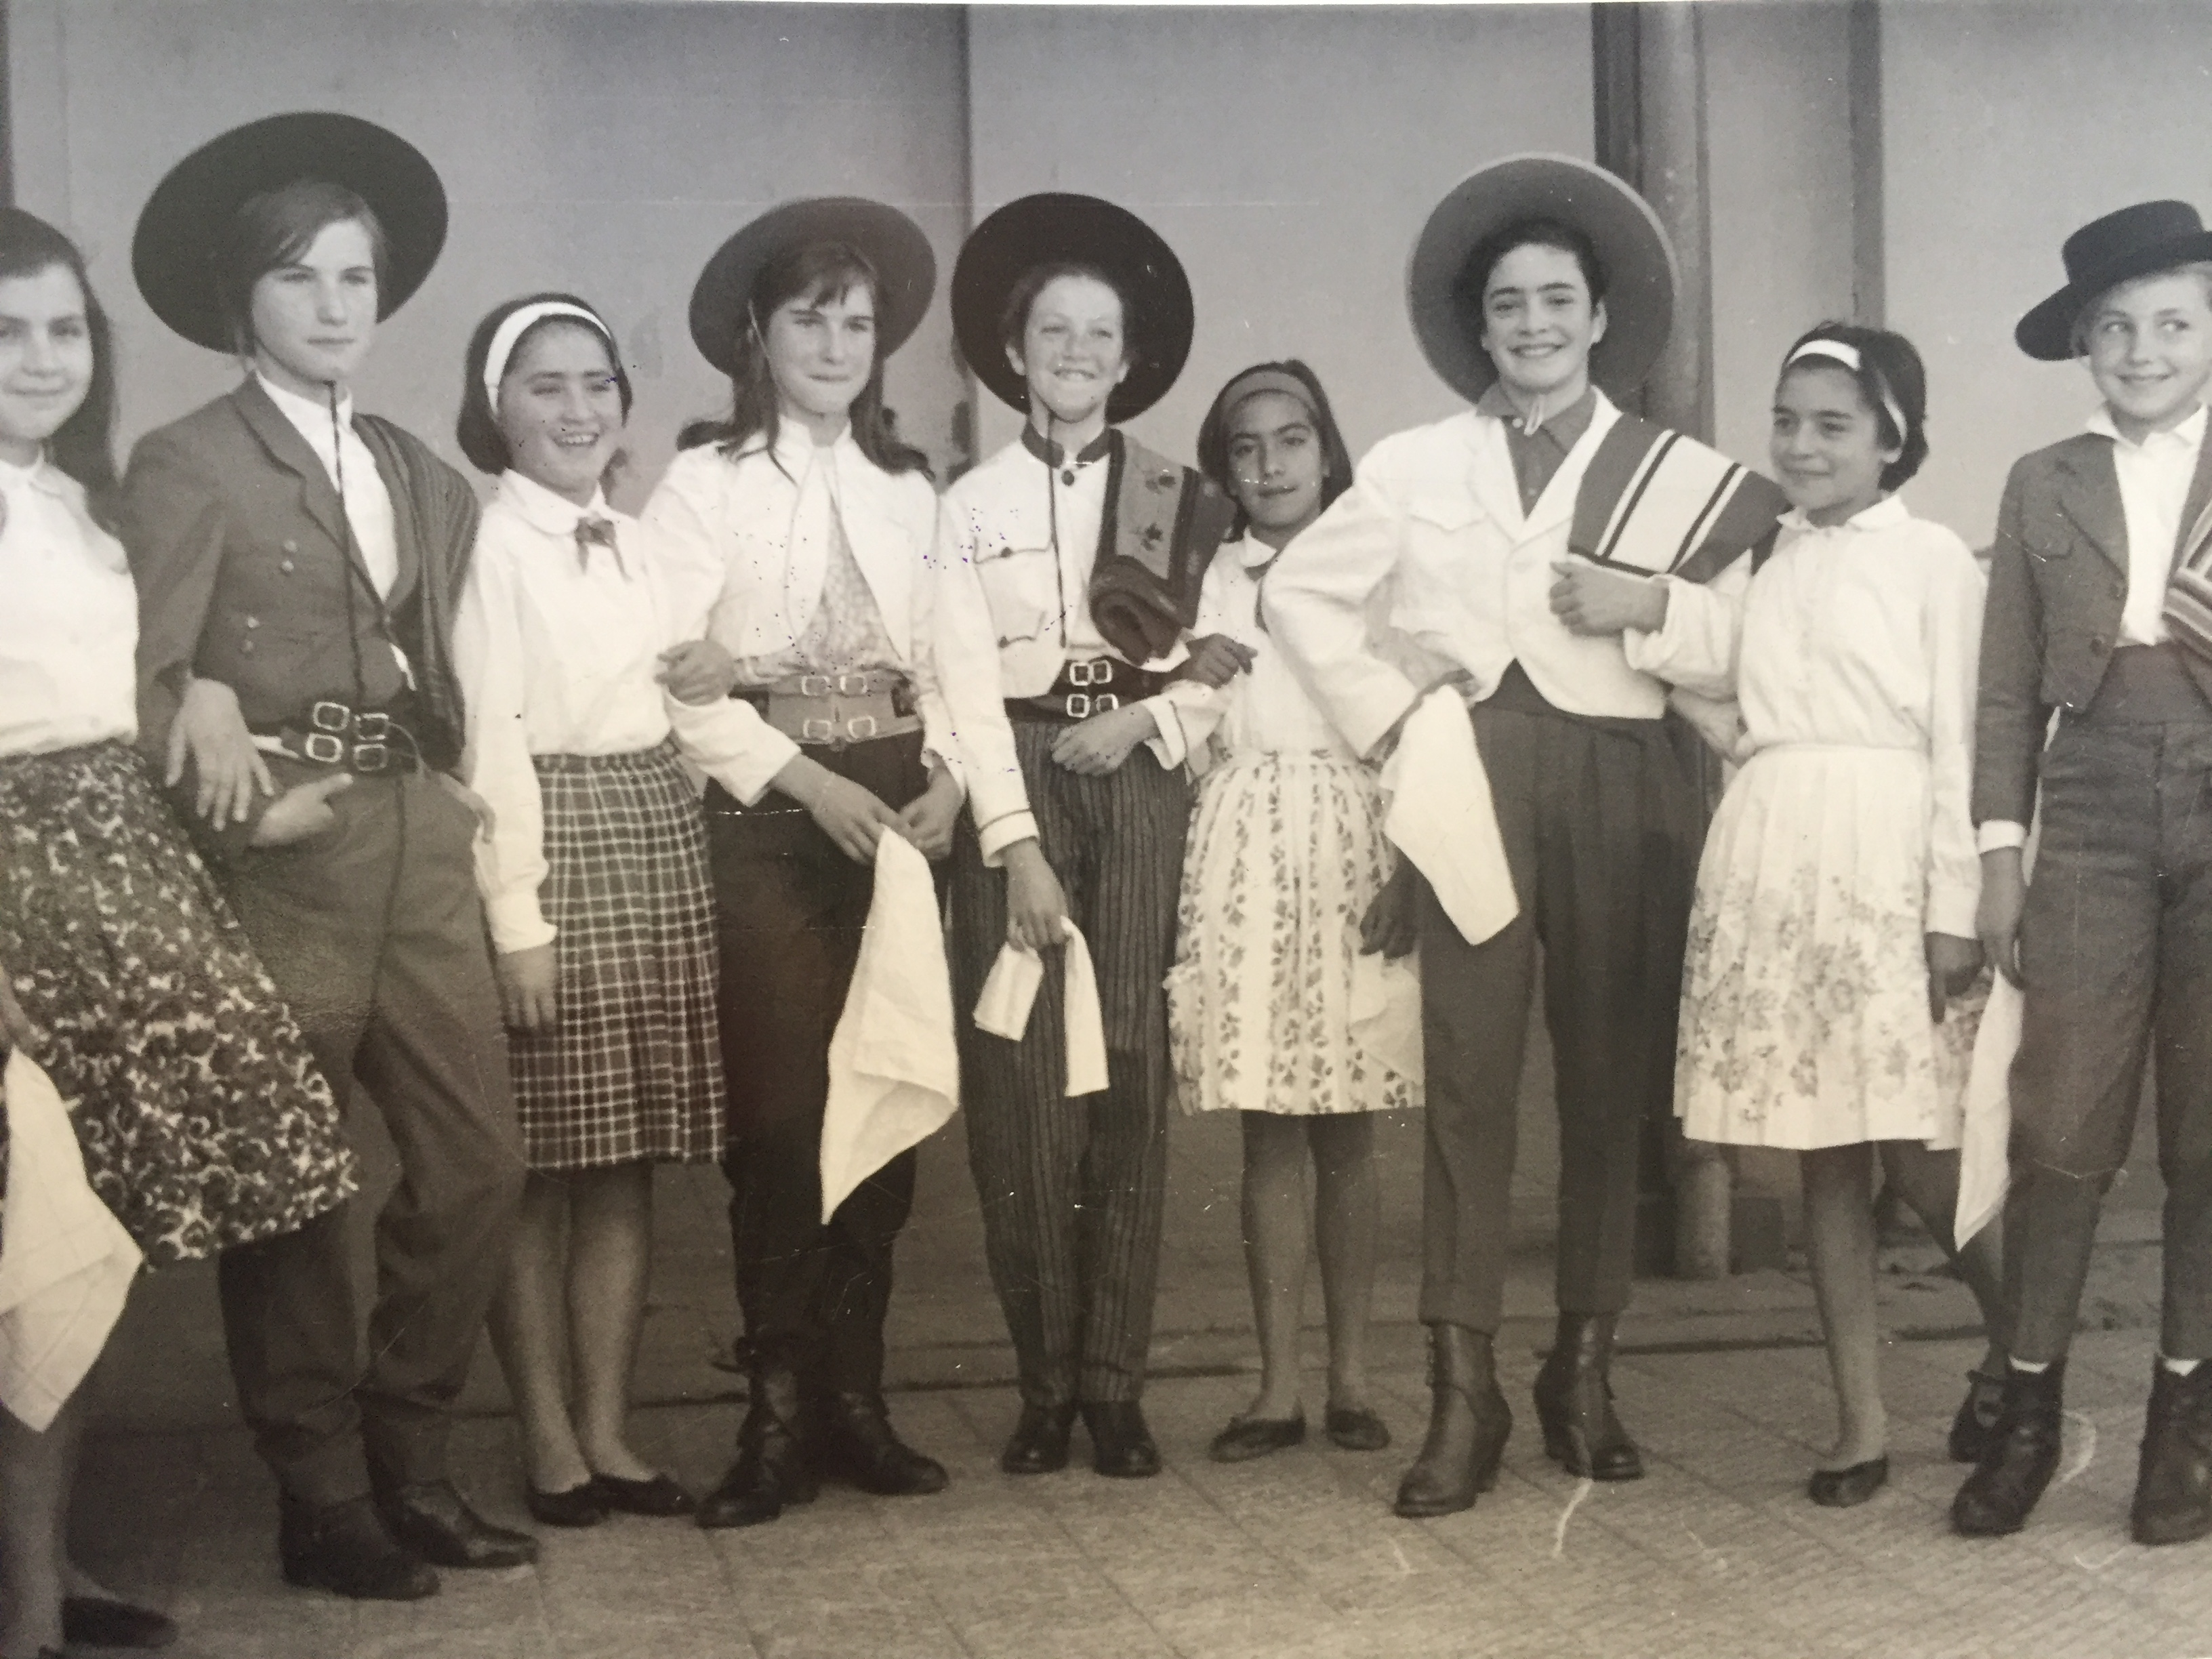 Enterreno - Fotos históricas de chile - fotos antiguas de Chile - Fiestas Patrias en Cauquenes, 1964